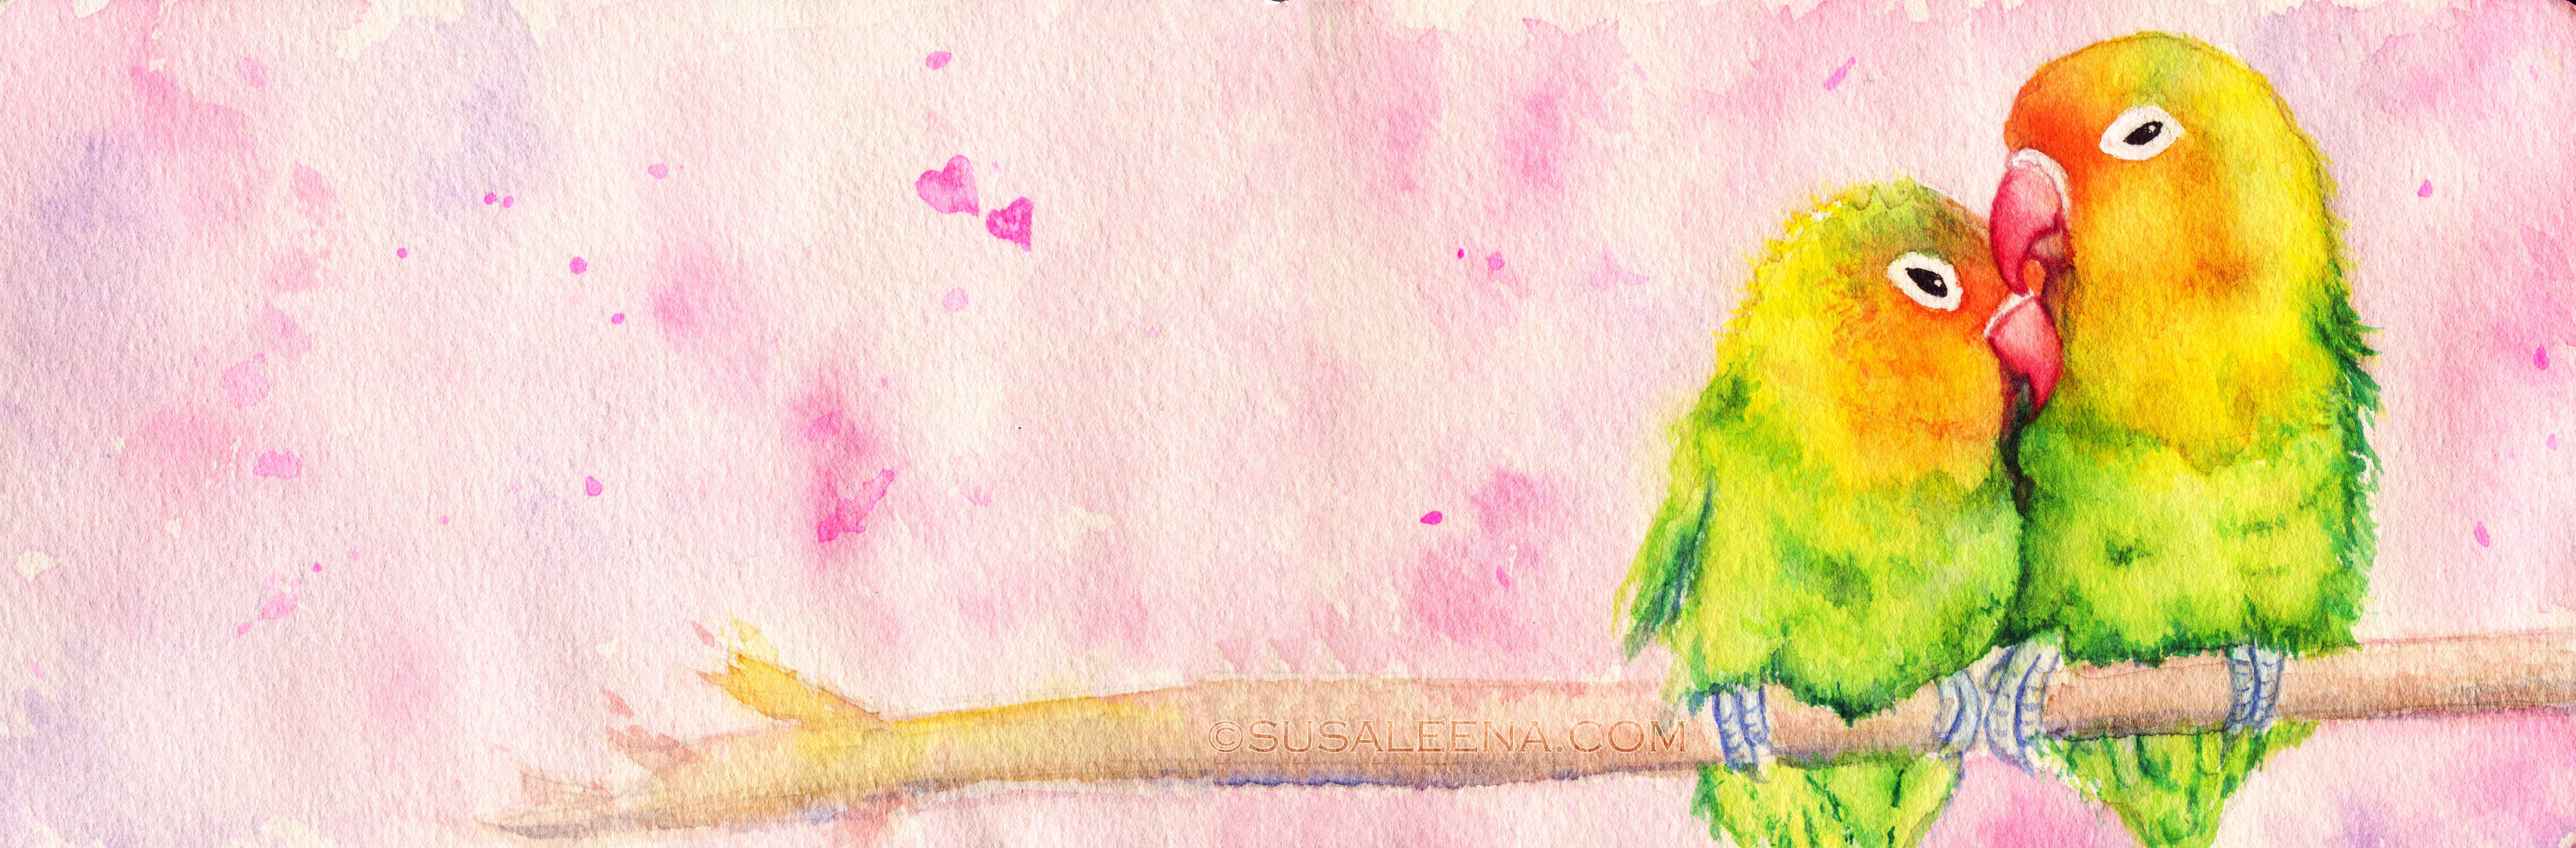 Lovebirds2 longwm